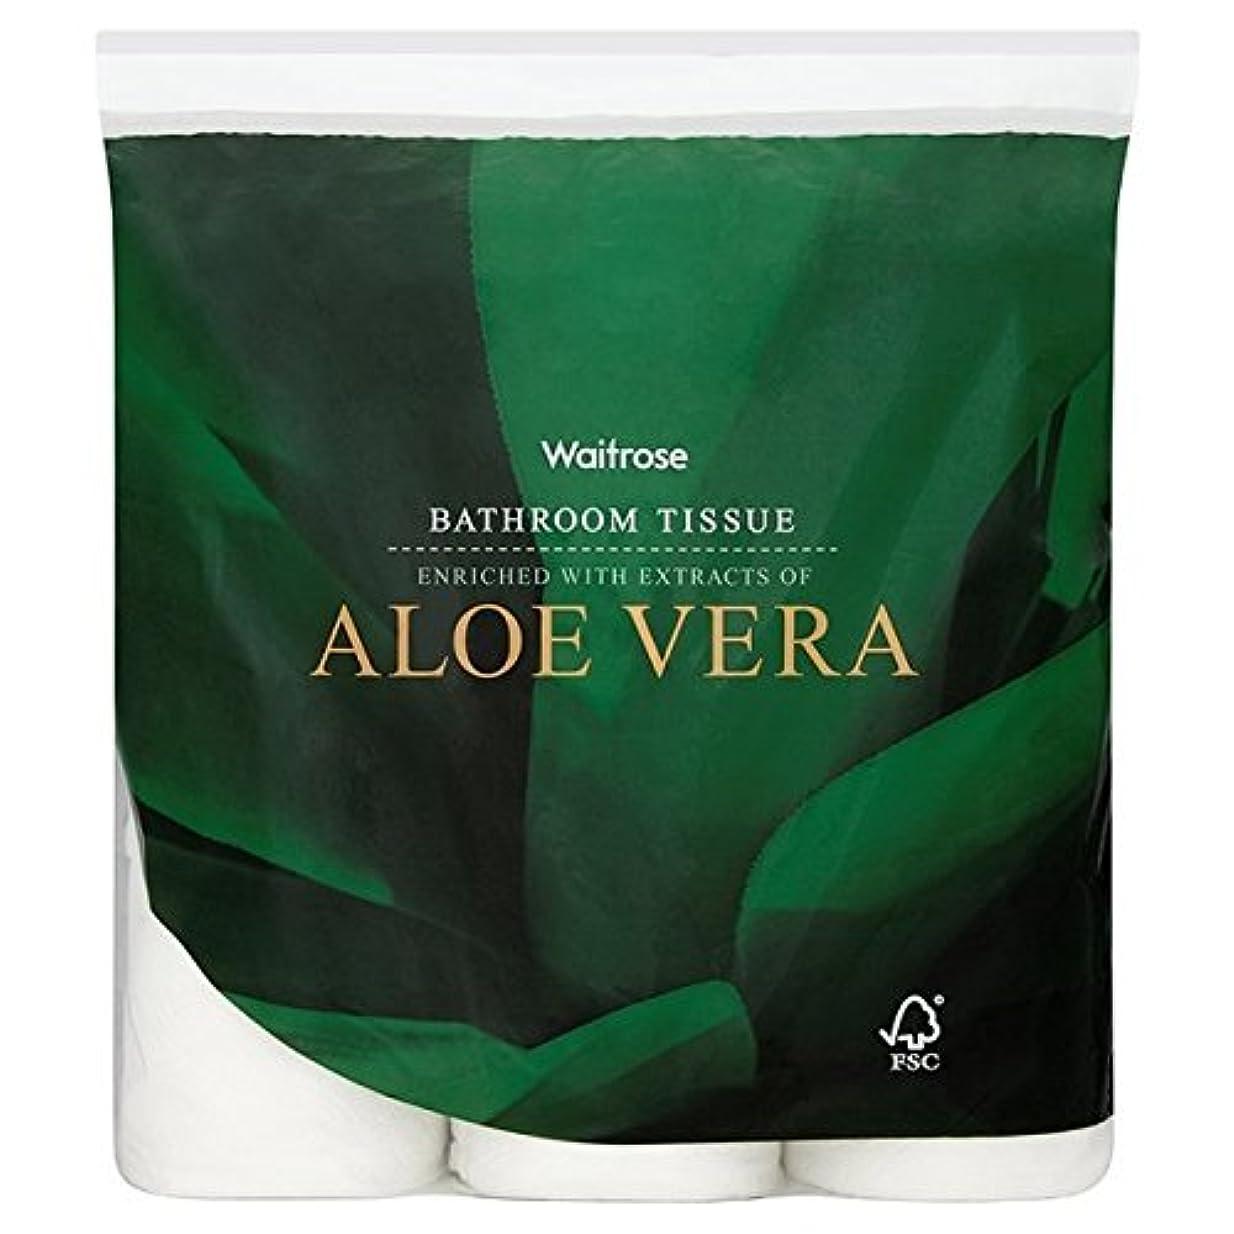 と闘う寄生虫それに応じてパックあたりアロエベラ浴室組織白ウェイトローズ9 x2 - Aloe Vera Bathroom Tissue White Waitrose 9 per pack (Pack of 2) [並行輸入品]